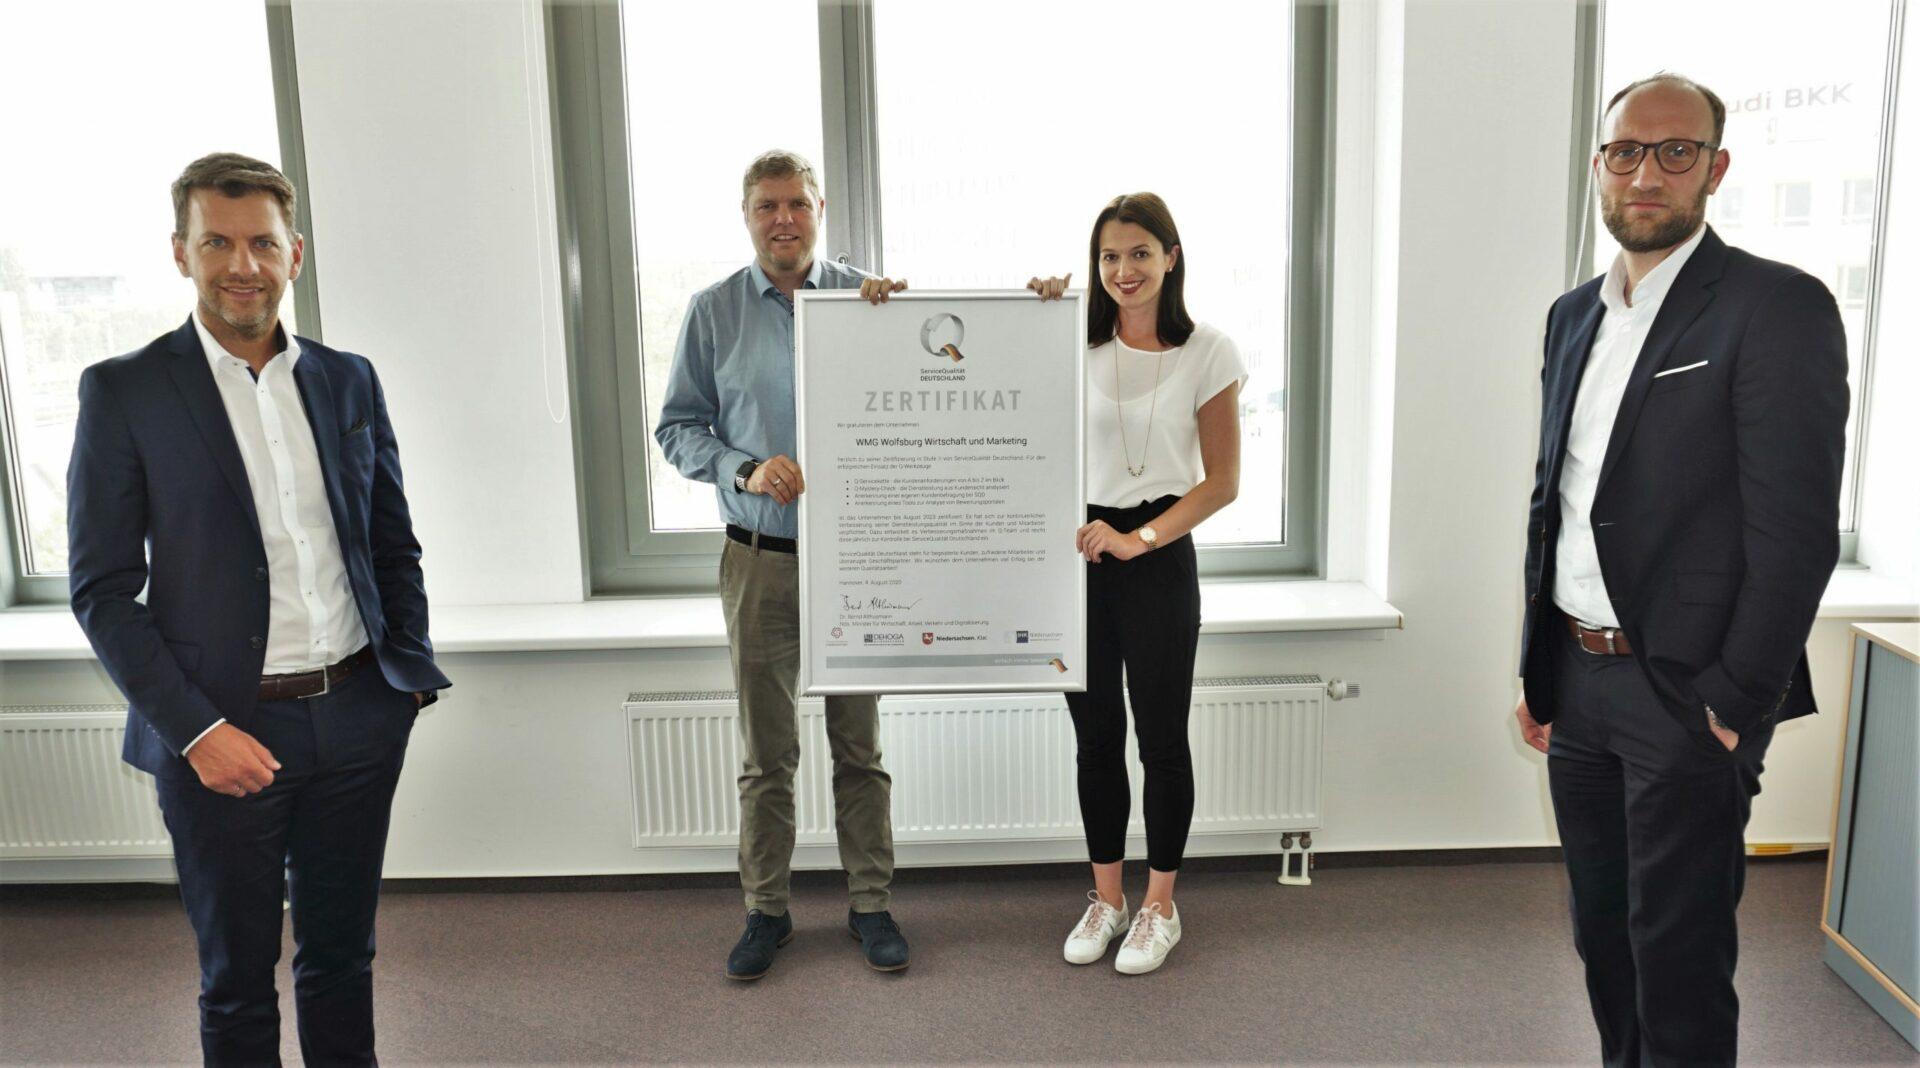 Dennis Weilmann, Christoph Kaufmann, Stephanie Möller und Jens Hofschröer präsentieren die Auszeichnung zu ServiceQualität Deutschland Stufe 2